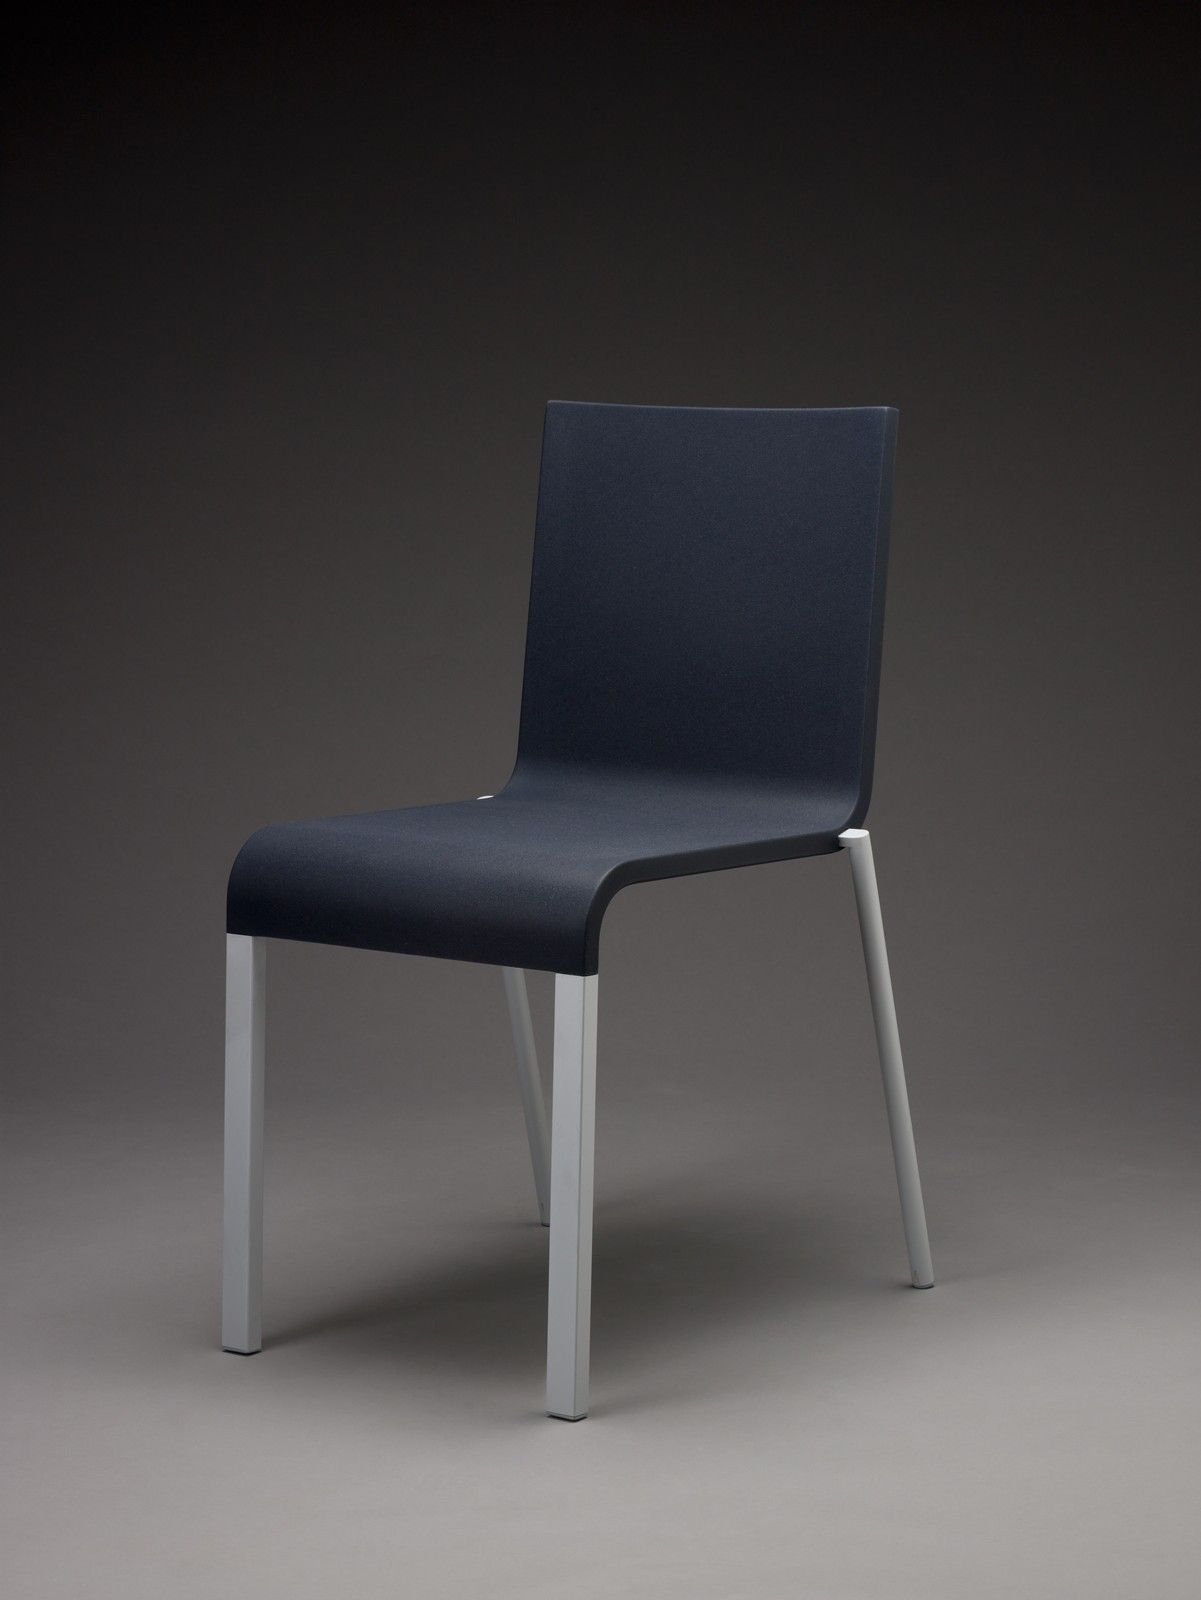 3 Design Stoelen.No 3 Chair Red Maarten Van Severen 1998 C Maarten Van